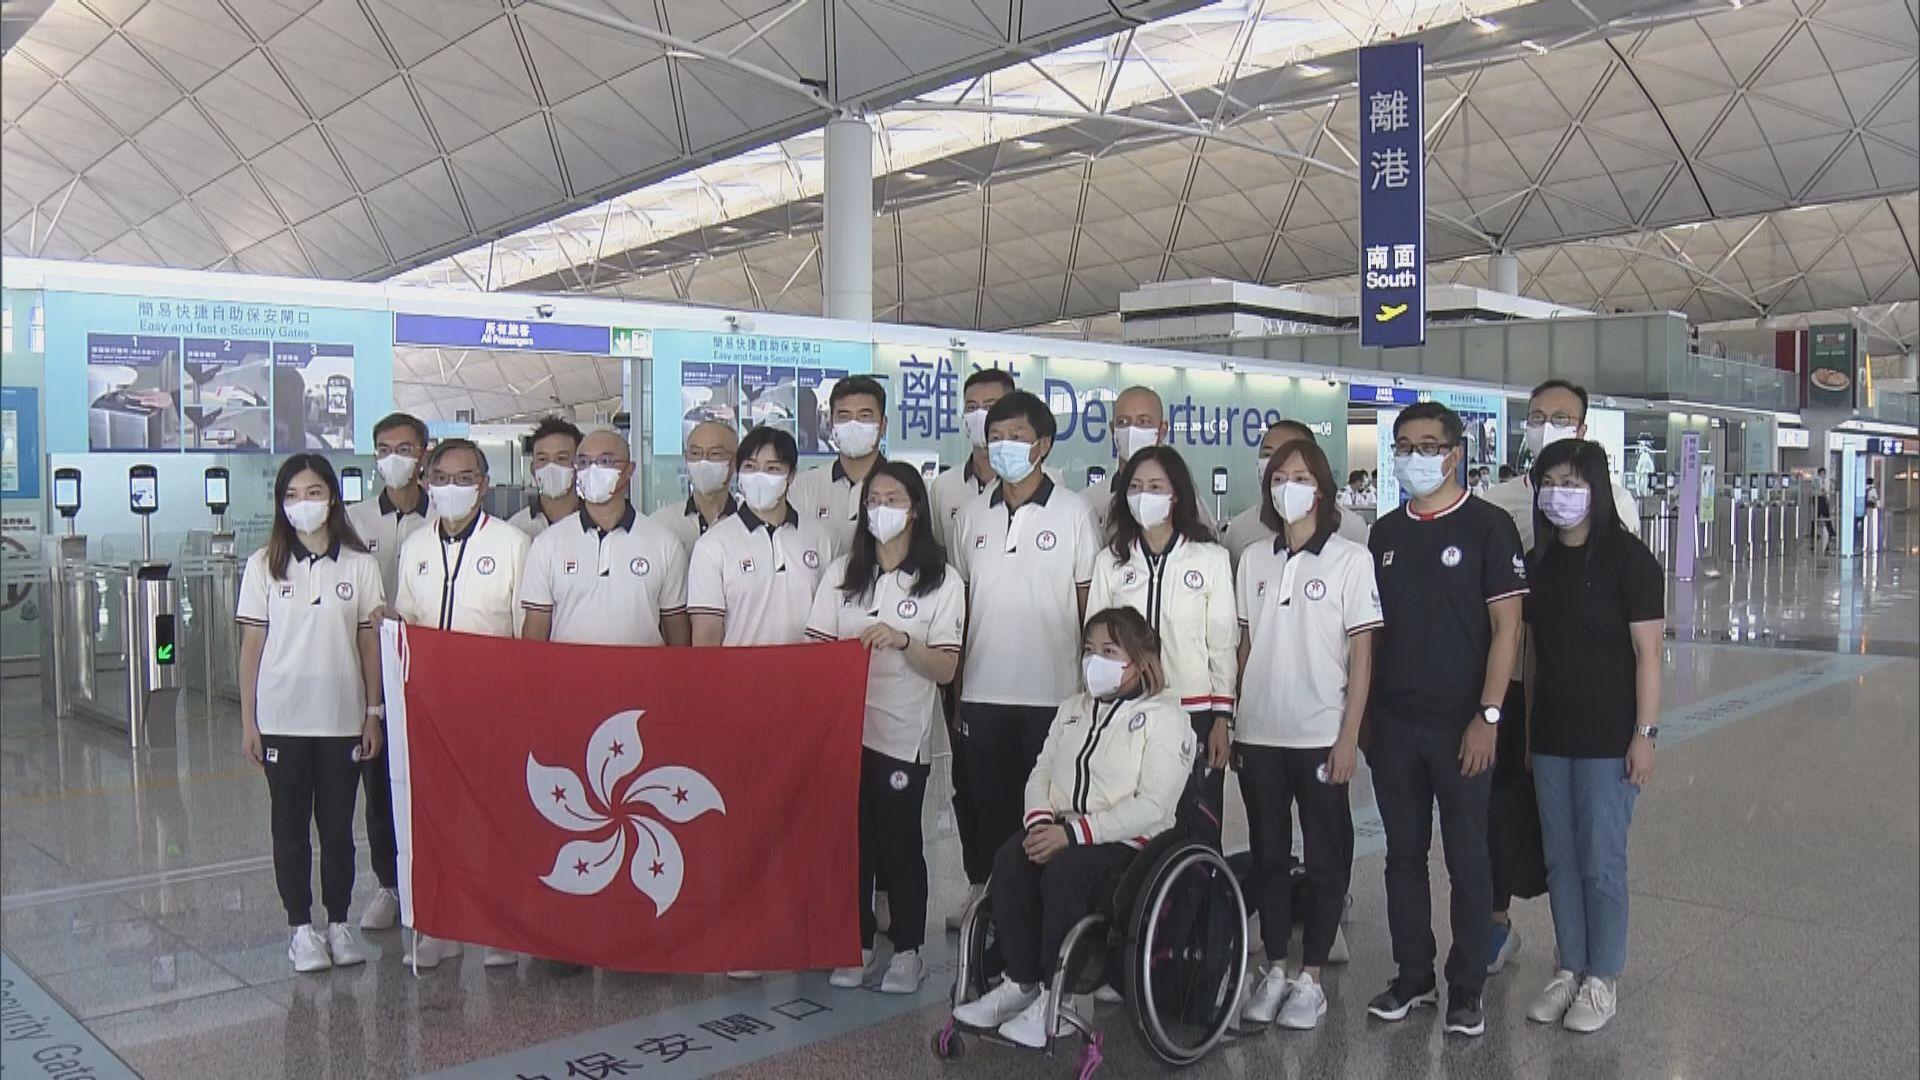 東京殘奧下周二開幕 港隊射箭劍擊代表出發